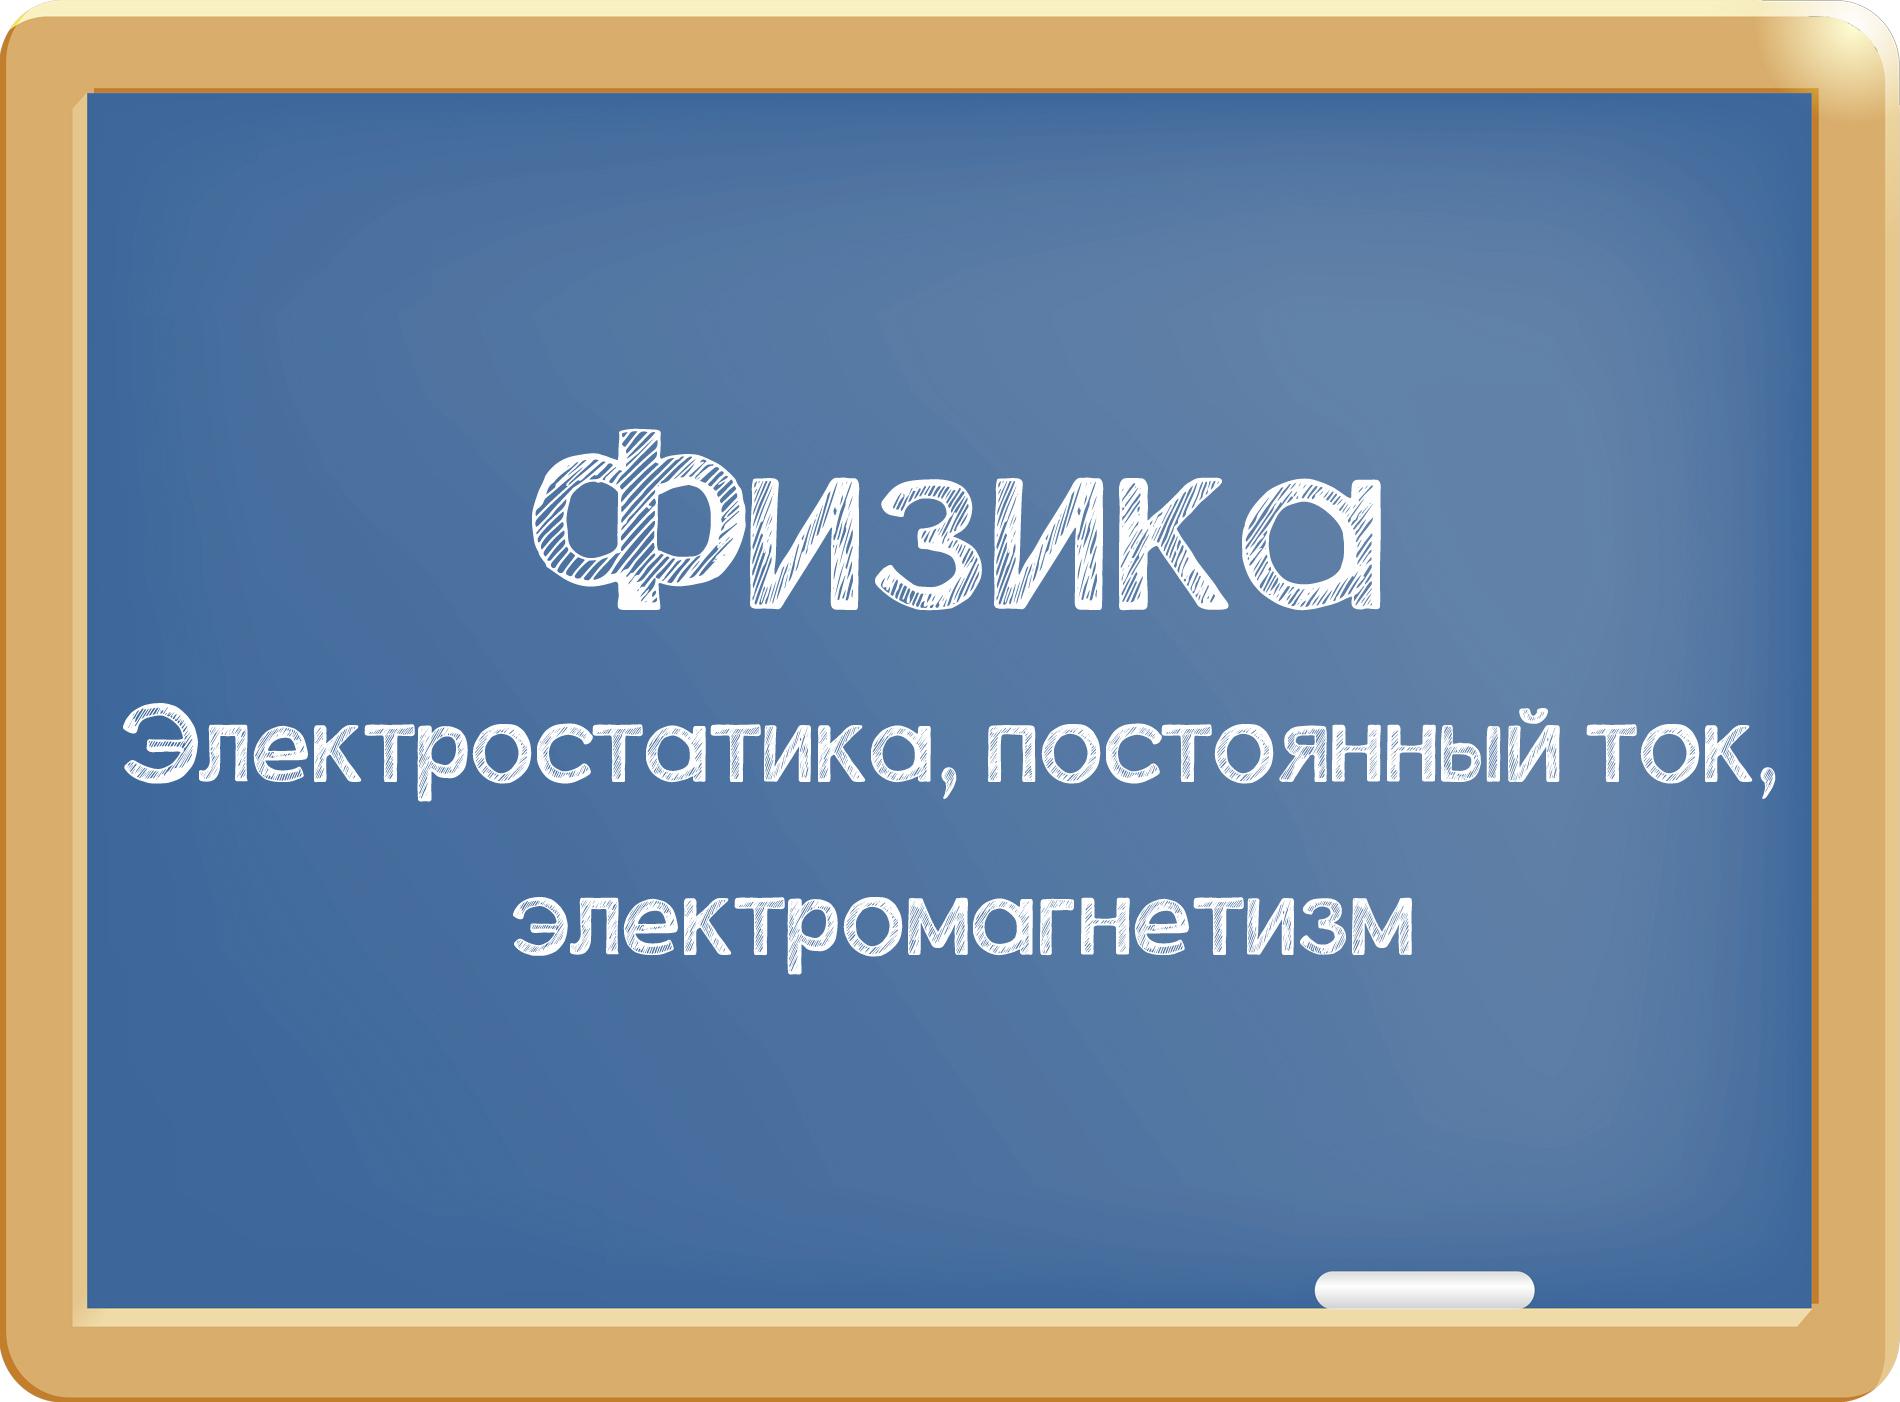 Course Image Физика. Электростатика, постоянный ток, электромагнетизм.